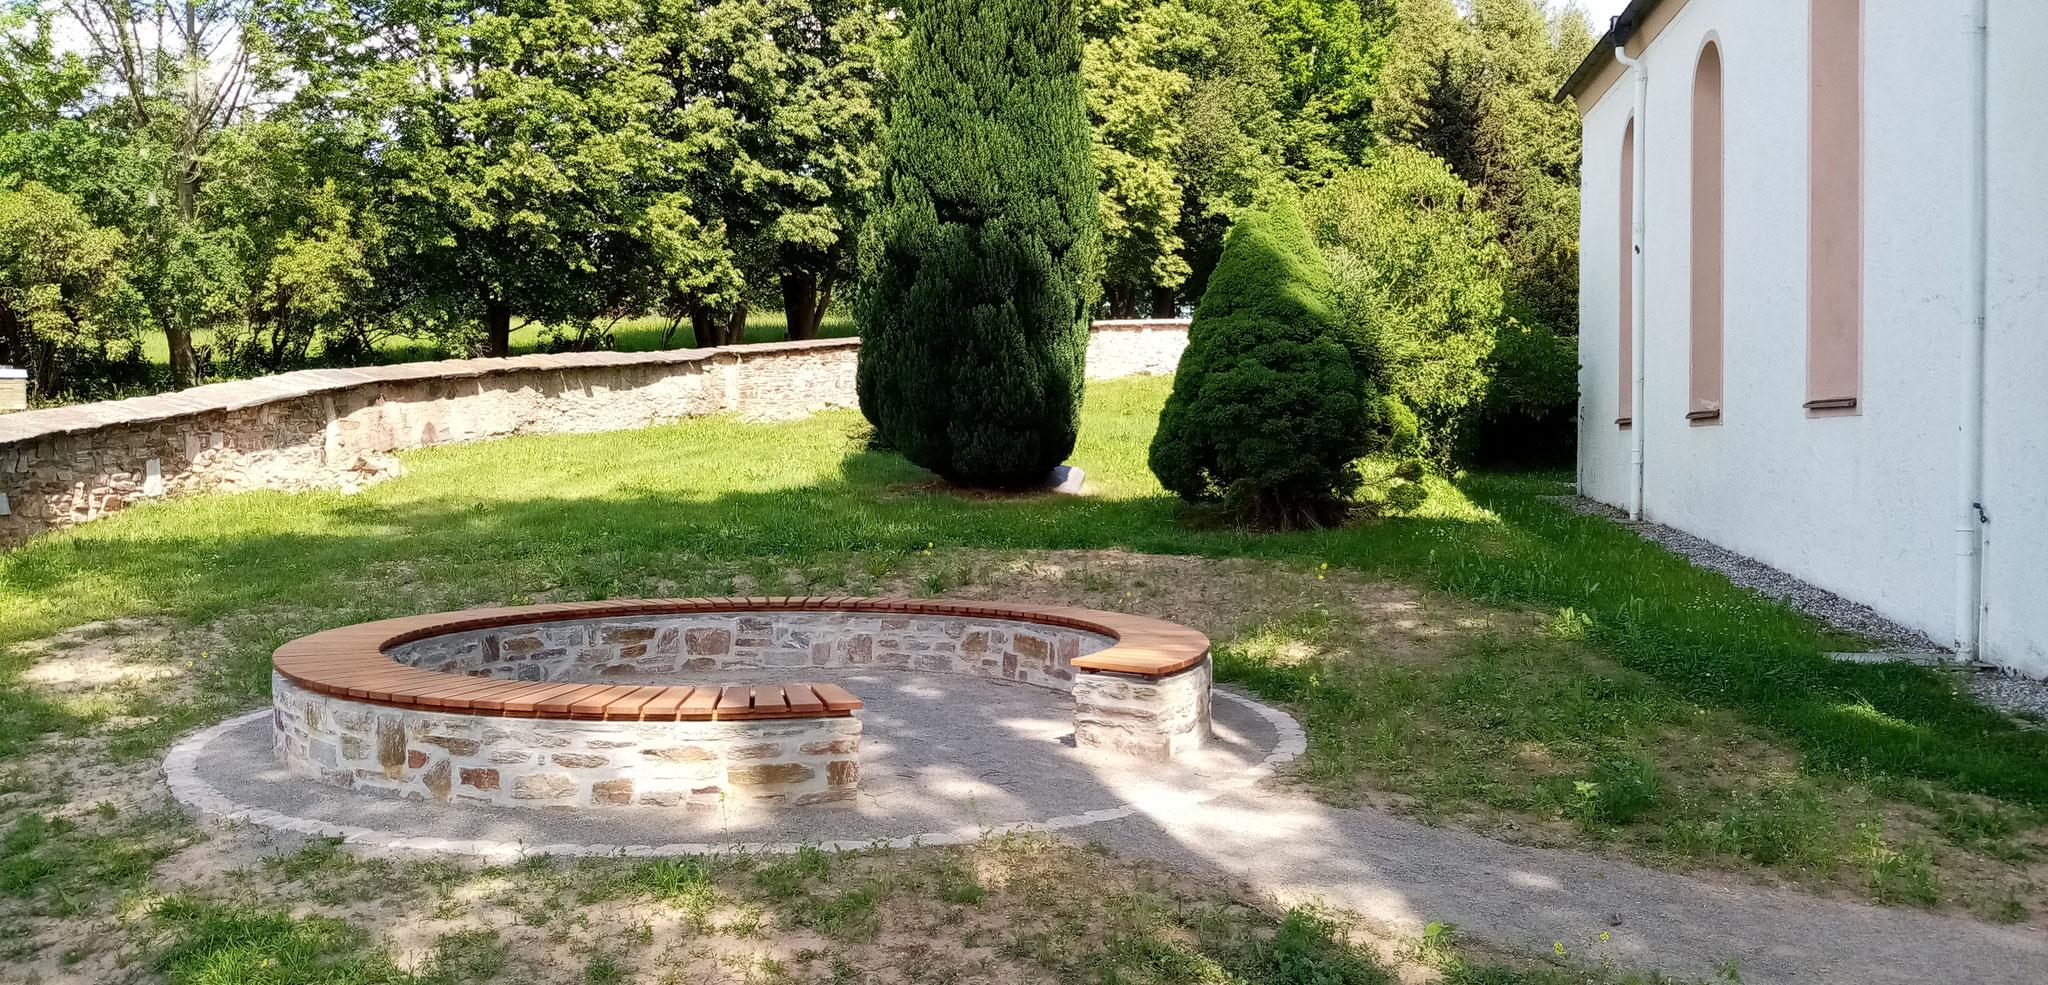 Frühjahr 2020 Fertiger Begegnungsplatz mit Holzsitzen